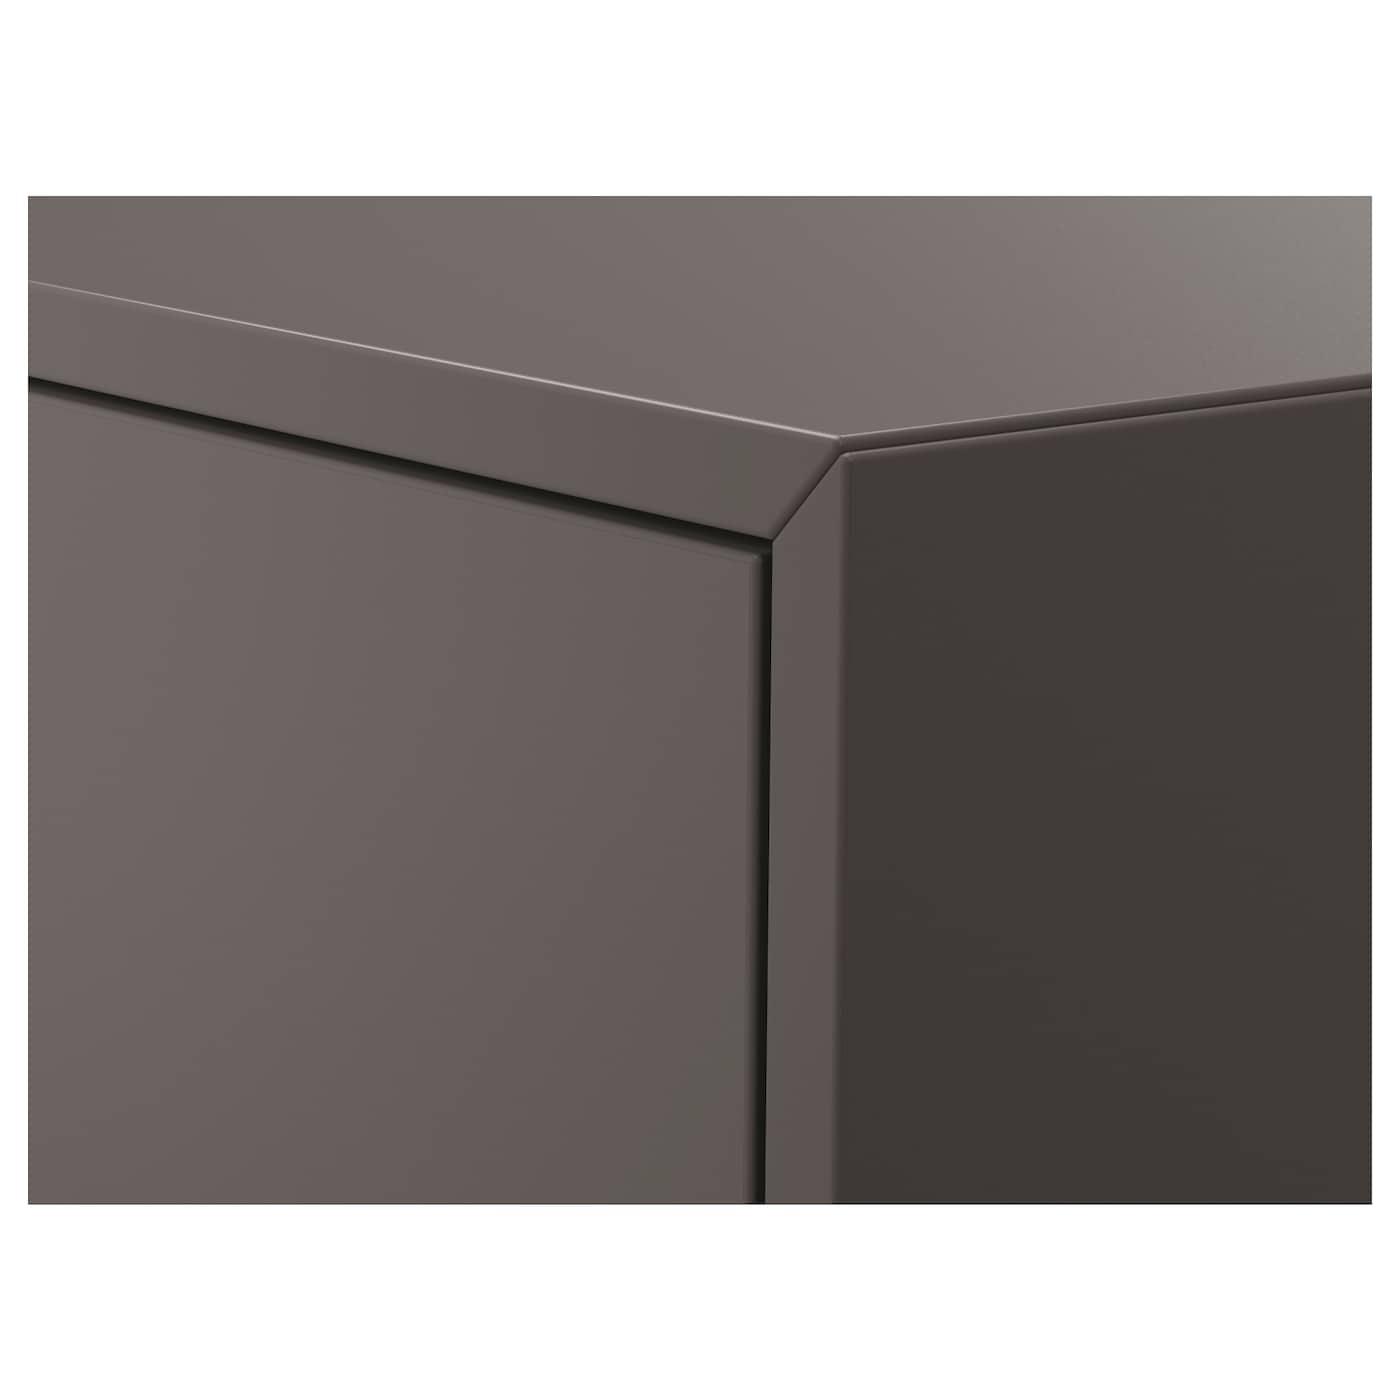 EKET Cabinet w door and 1 shelf, dark grey, 35x35x70 cm